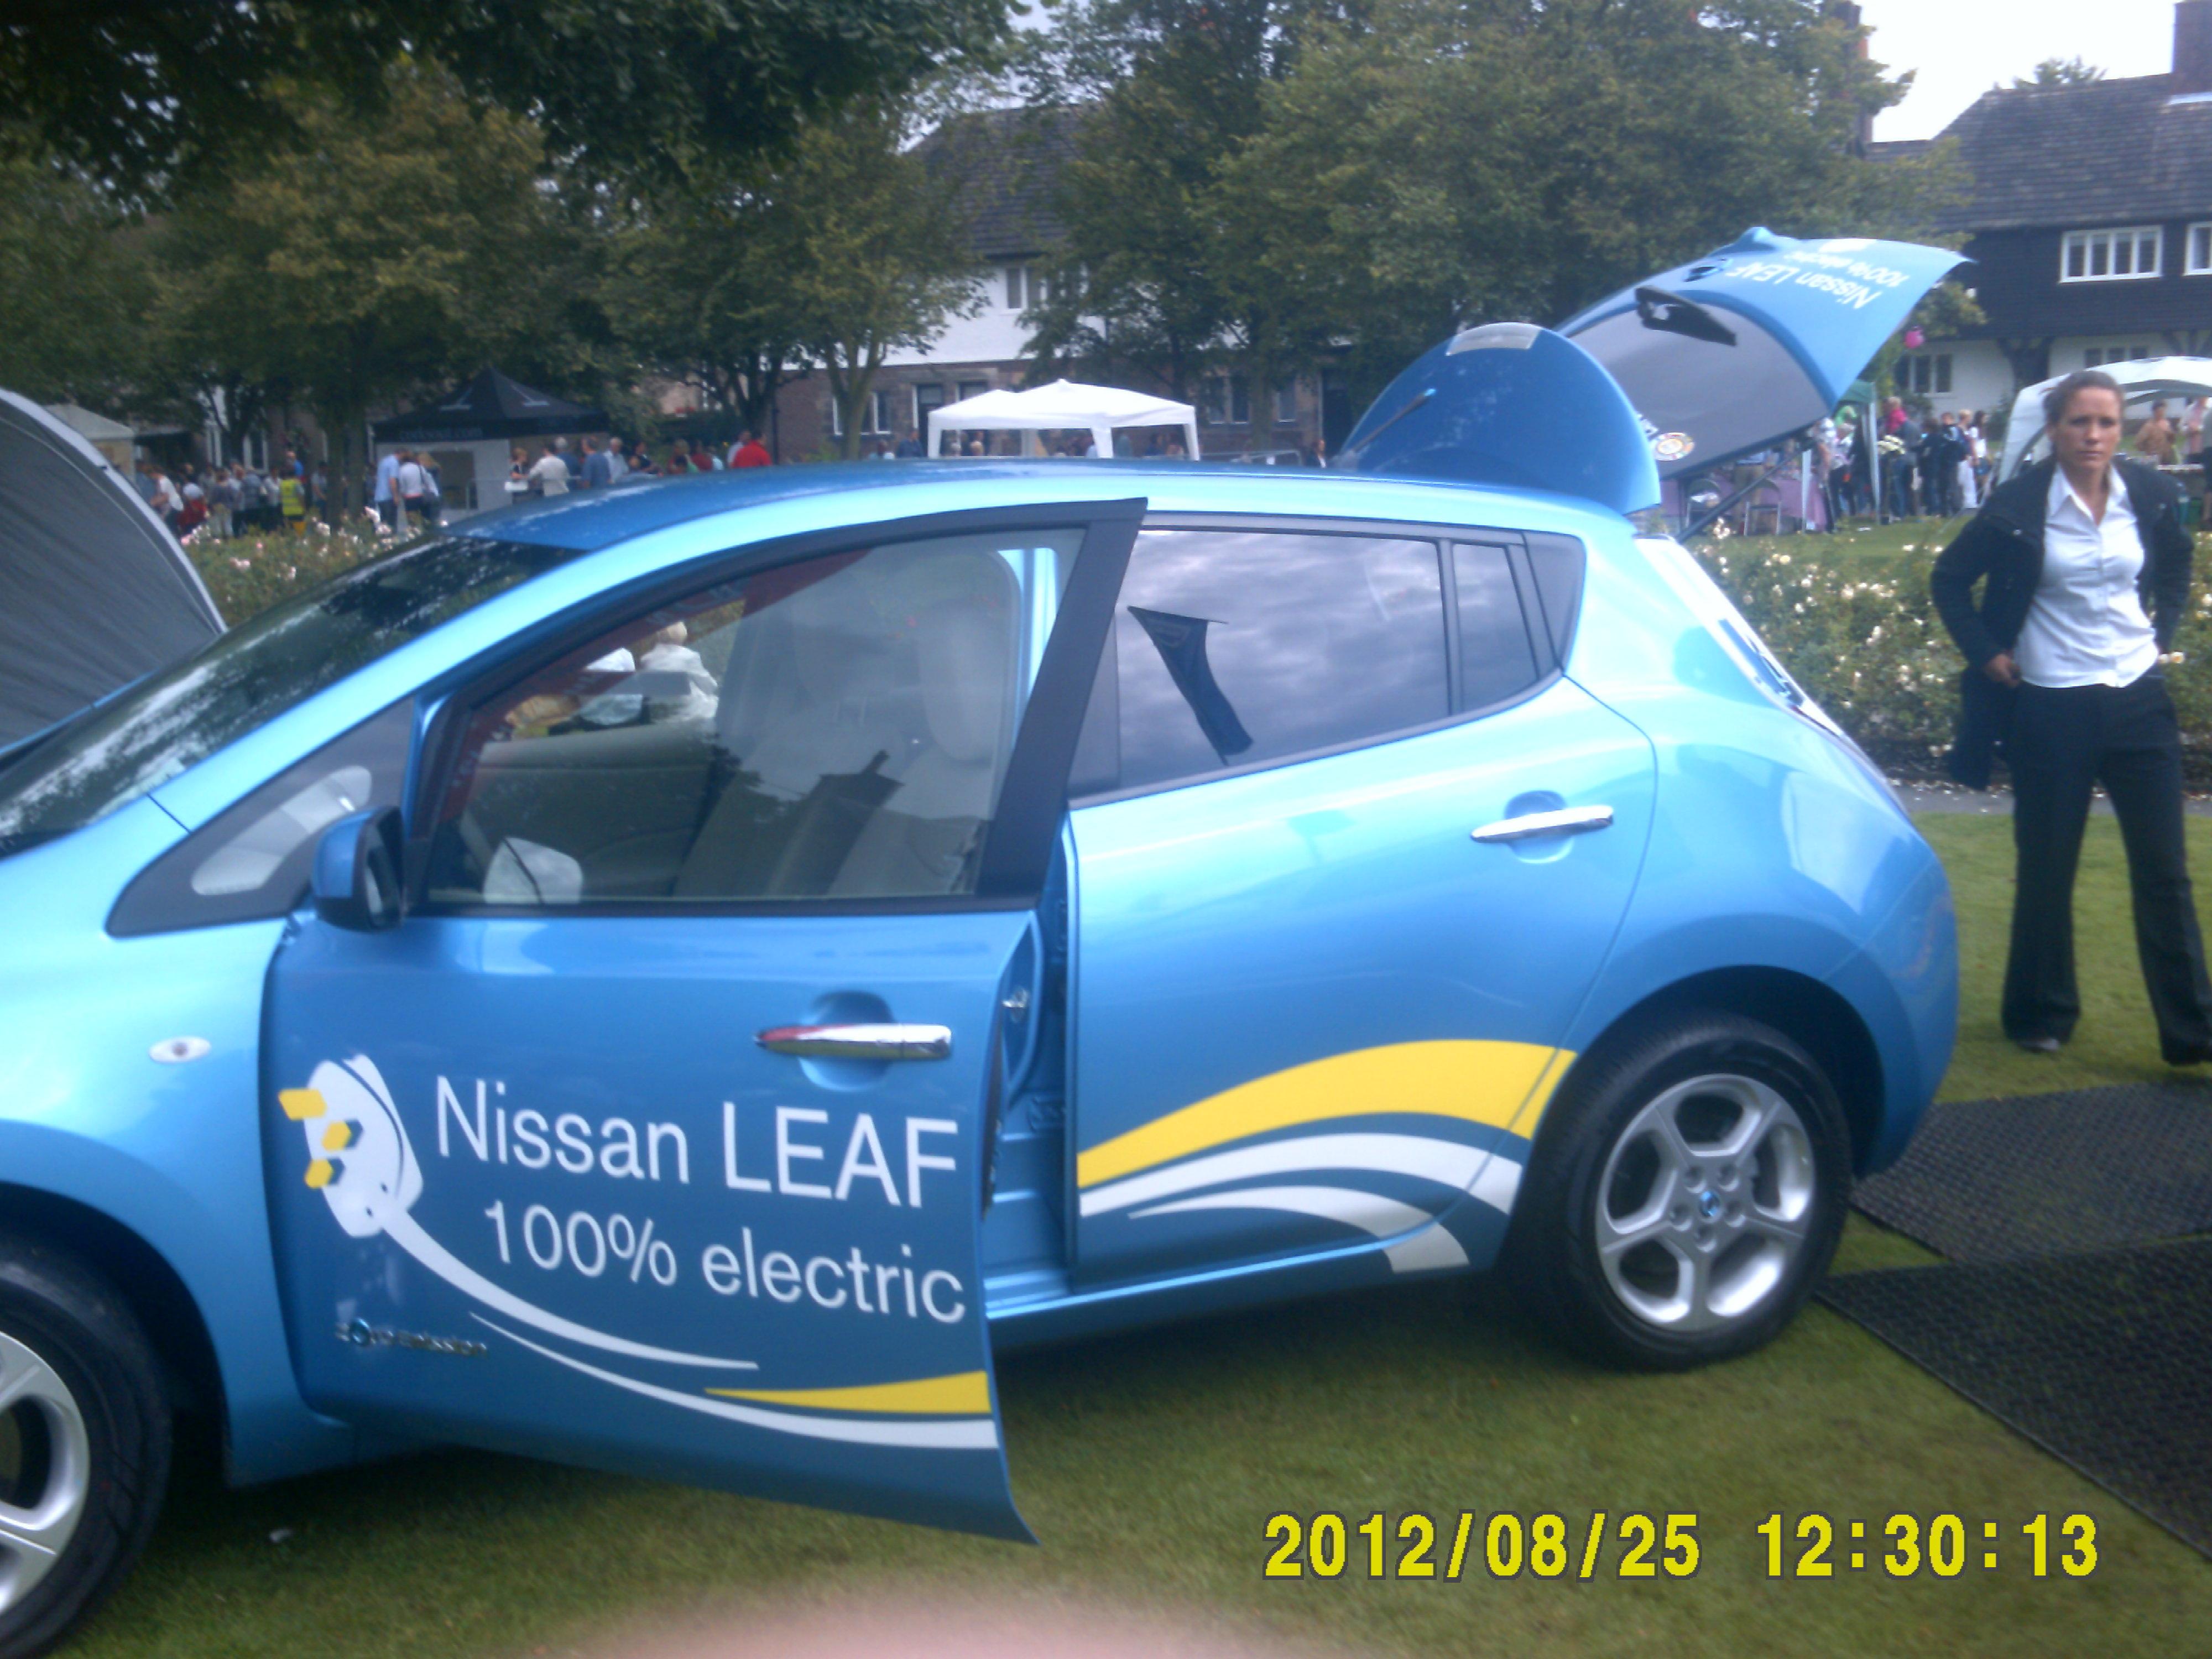 Port Sunlight Summer Festival 2012 25th August 2012 Port Sunlight Summer Festival 101 Nissan Leaf Electric Car